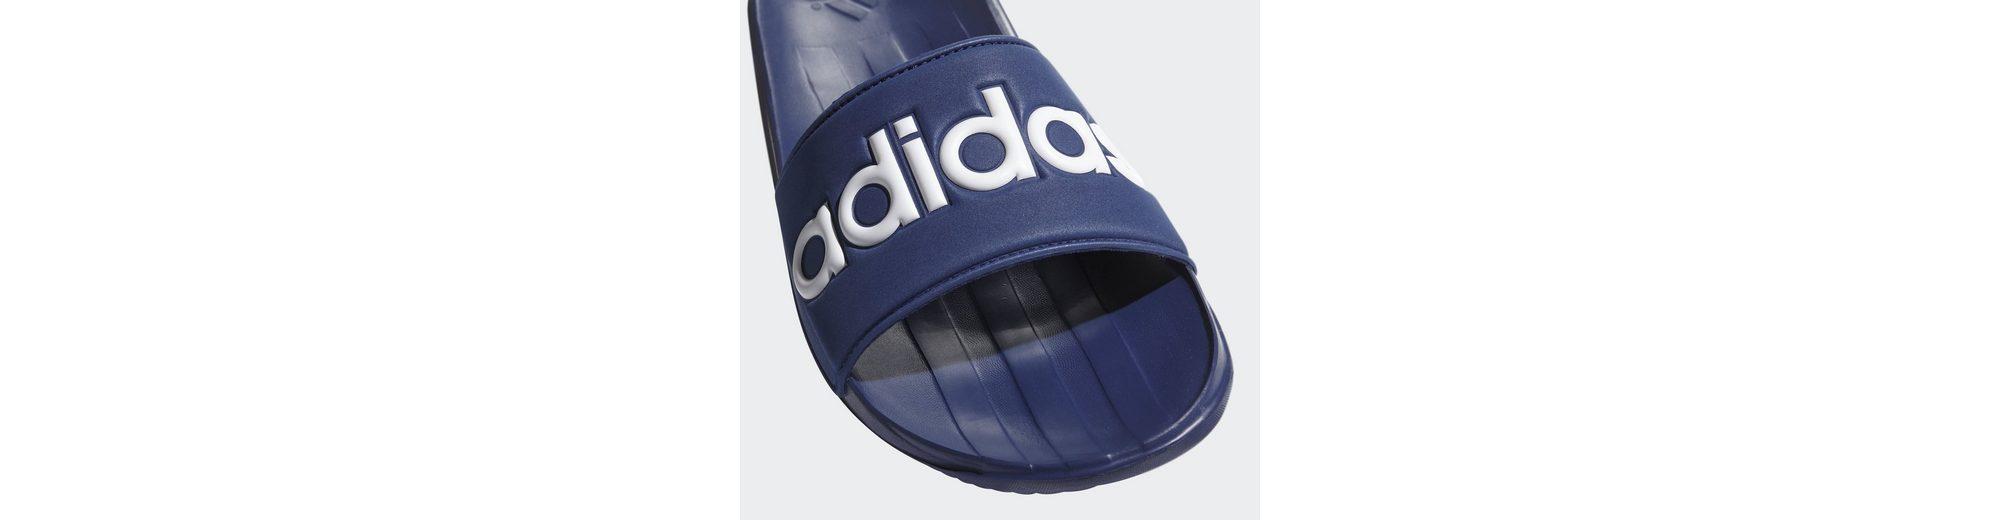 Günstig Kaufen Beliebt adidas Performance Carozoon Logo Badesandale Billig Verkaufen Viele Arten Von Ausgezeichnet BCLCA5W